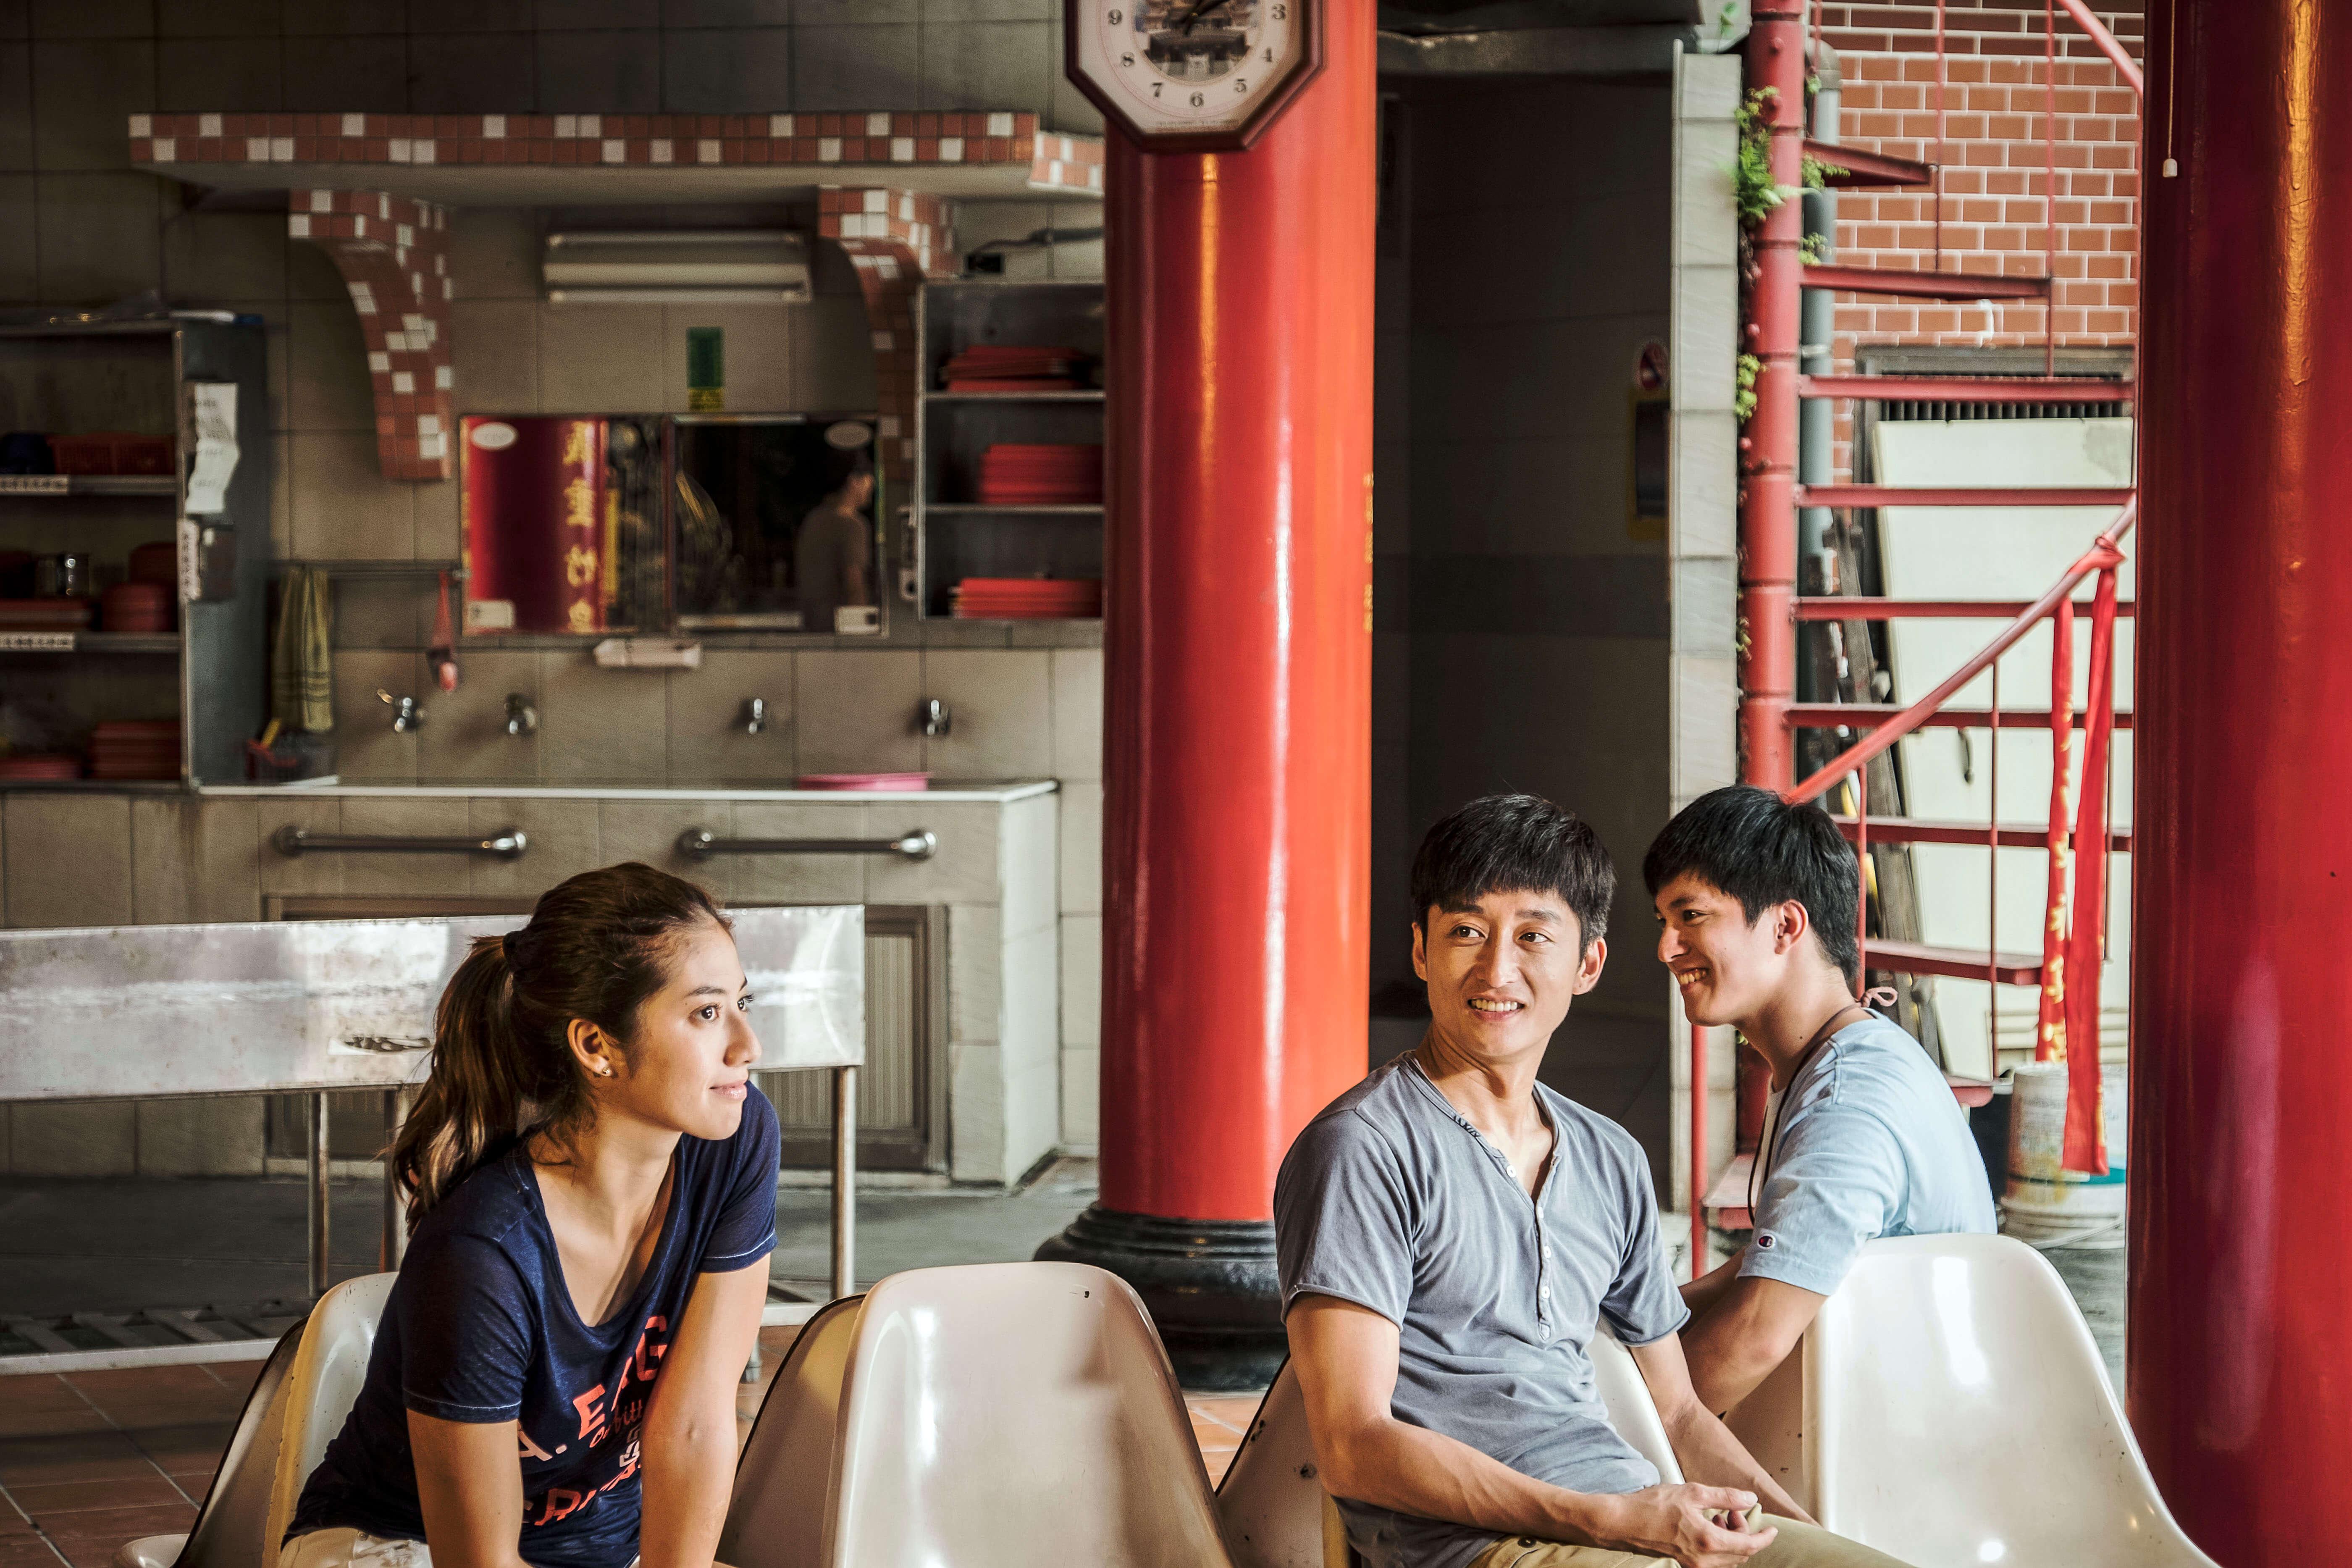 《強尼.凱克》主打健康純愛風  瑞瑪席丹、柯宇綸大談純愛,呈現台北人生活寫照首圖